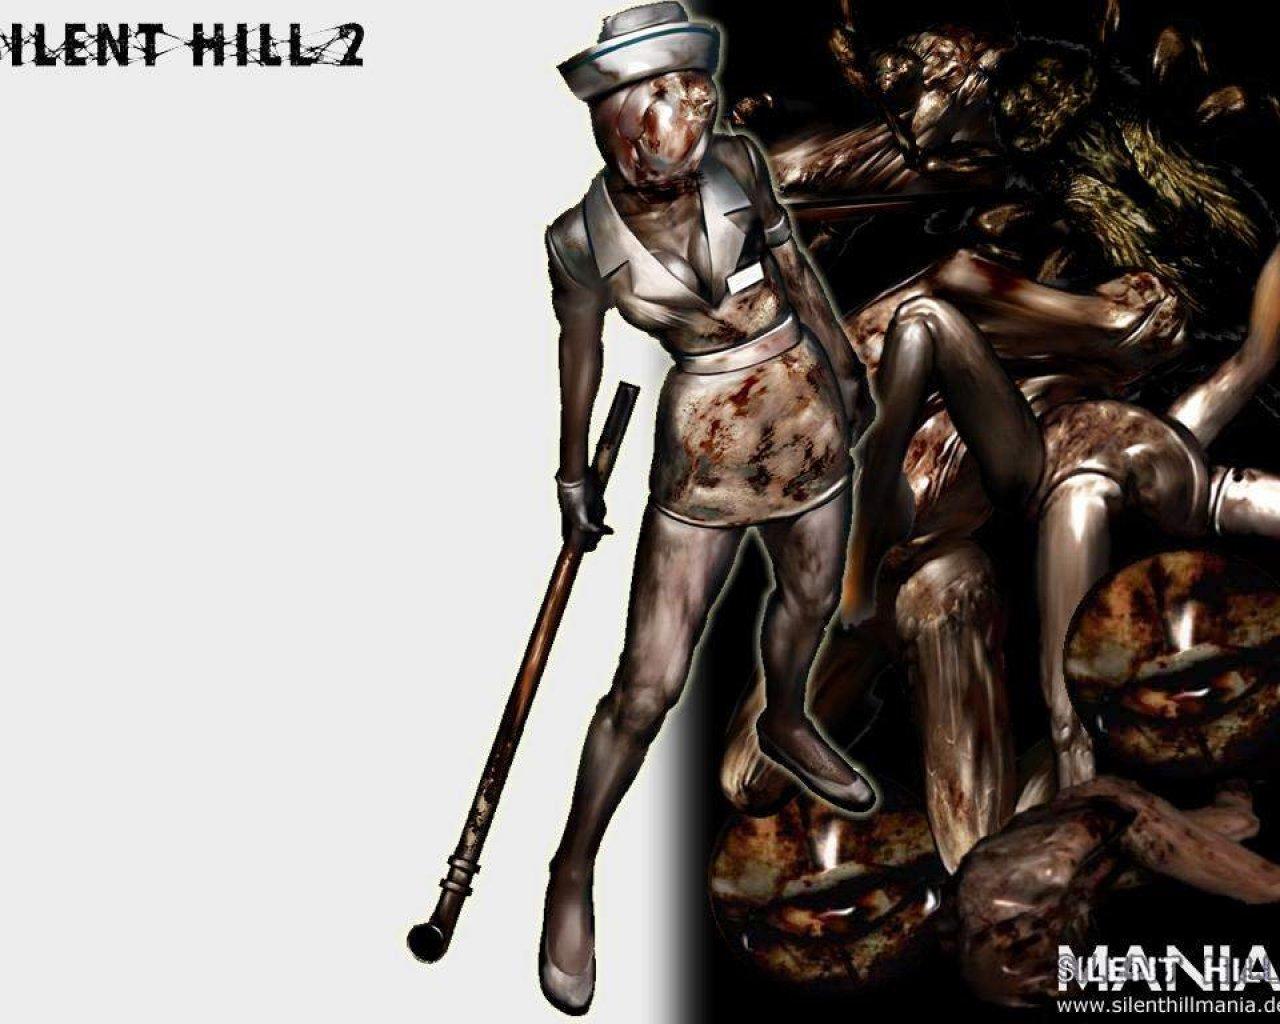 http://3.bp.blogspot.com/-ZcqlaiSG7dE/TscLSB_NP3I/AAAAAAAAA0U/htWMrMaR1AM/s1600/silent-hill-4-700195.jpg